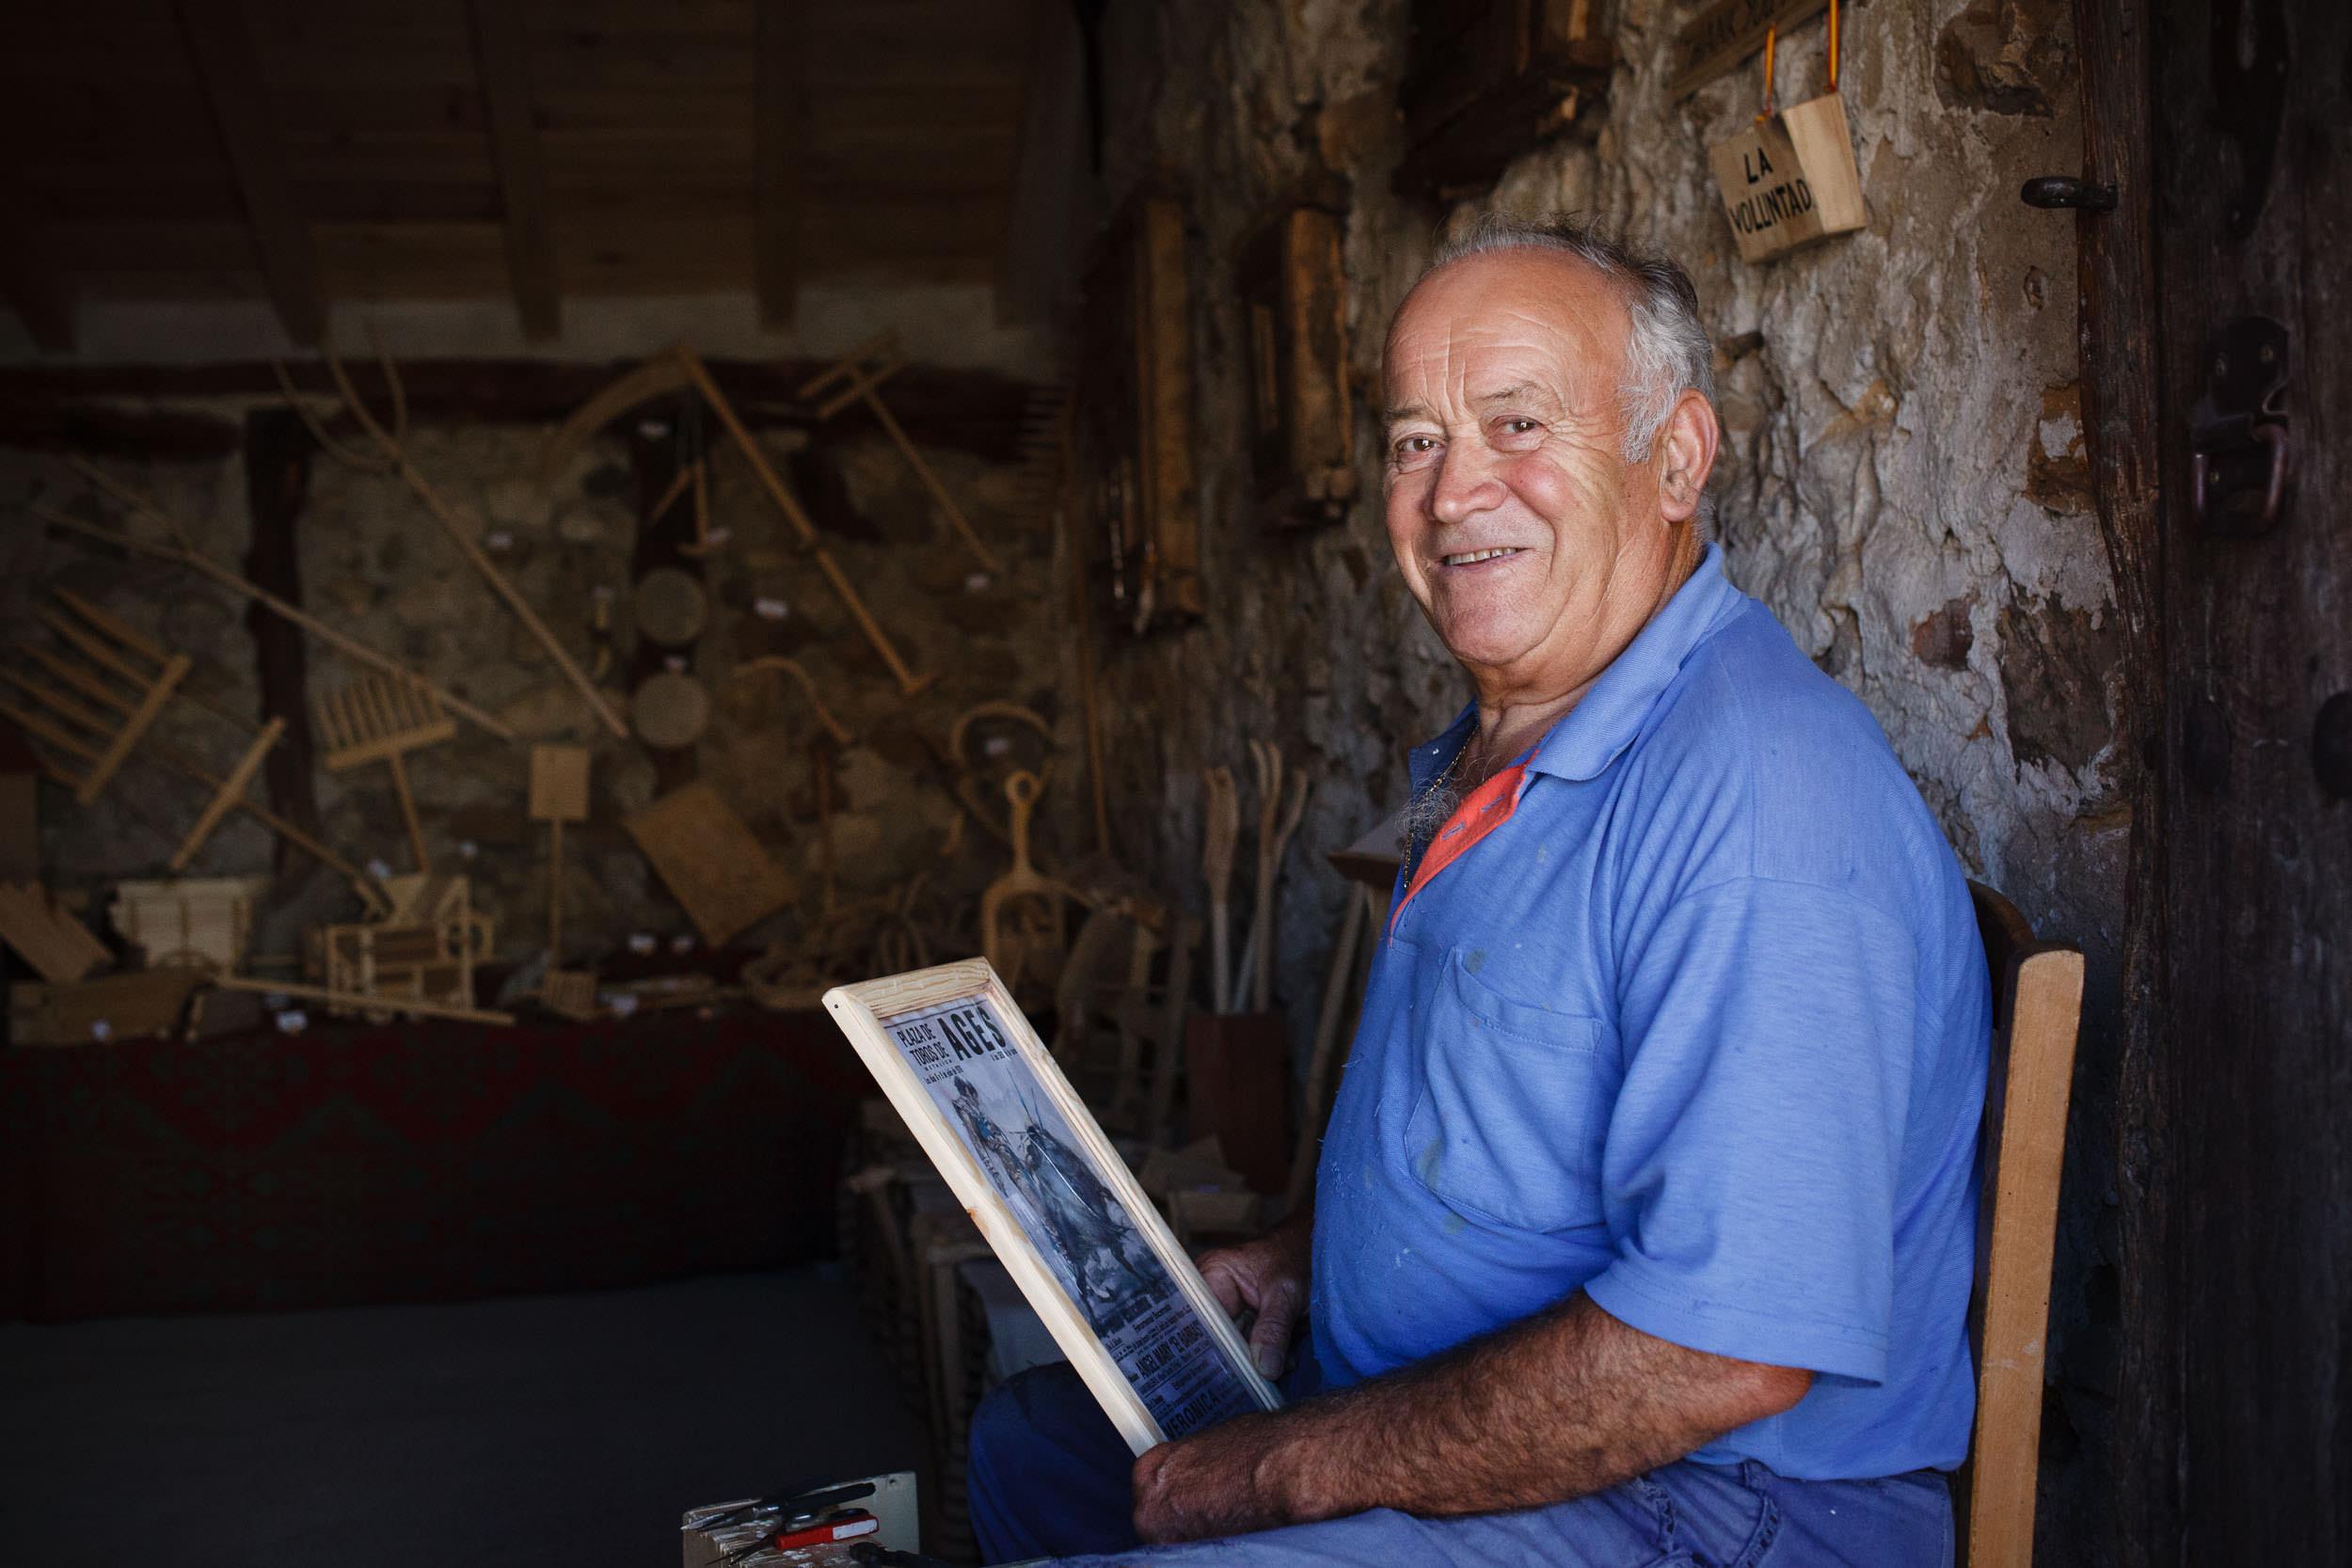 13/09/14  Manolo, un carpentero en Agés, Burgos, Castilla y León, España. Foto @ James Sturcke   www.sturcke.org